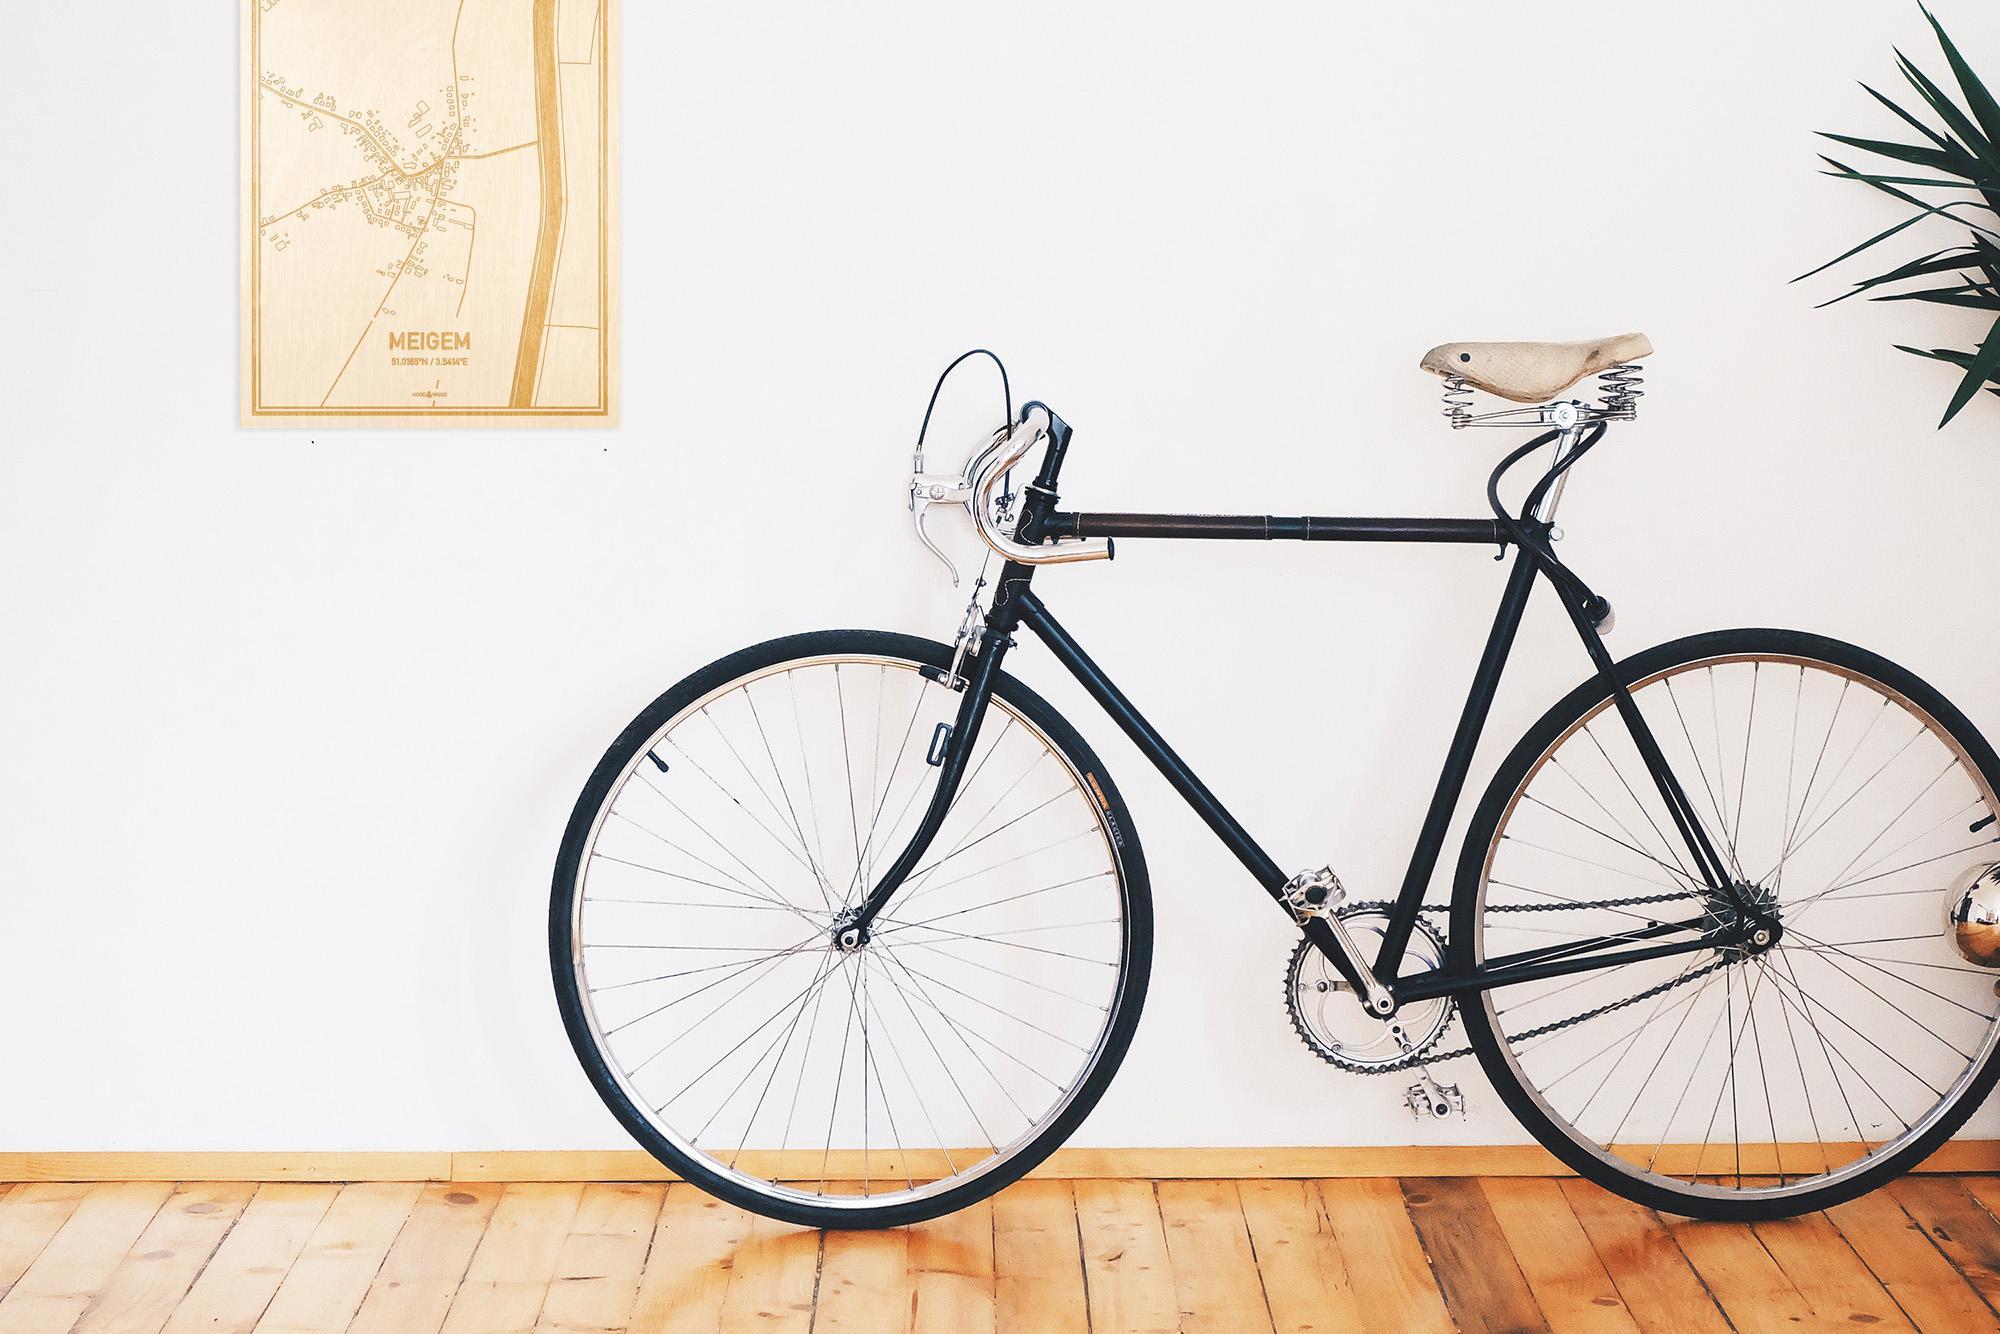 Een snelle fiets in een uniek interieur in Oost-Vlaanderen  met mooie decoratie zoals de plattegrond Meigem.